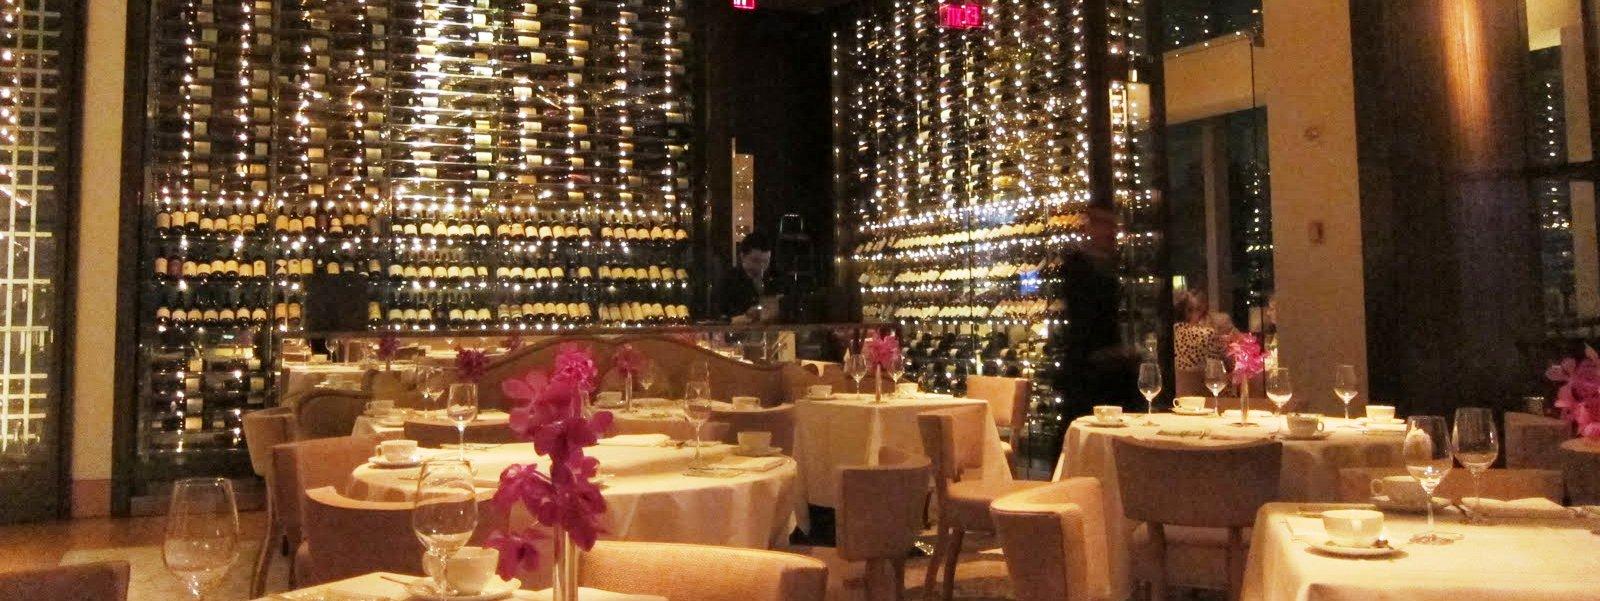 Asiate-Restaurant-Slider1